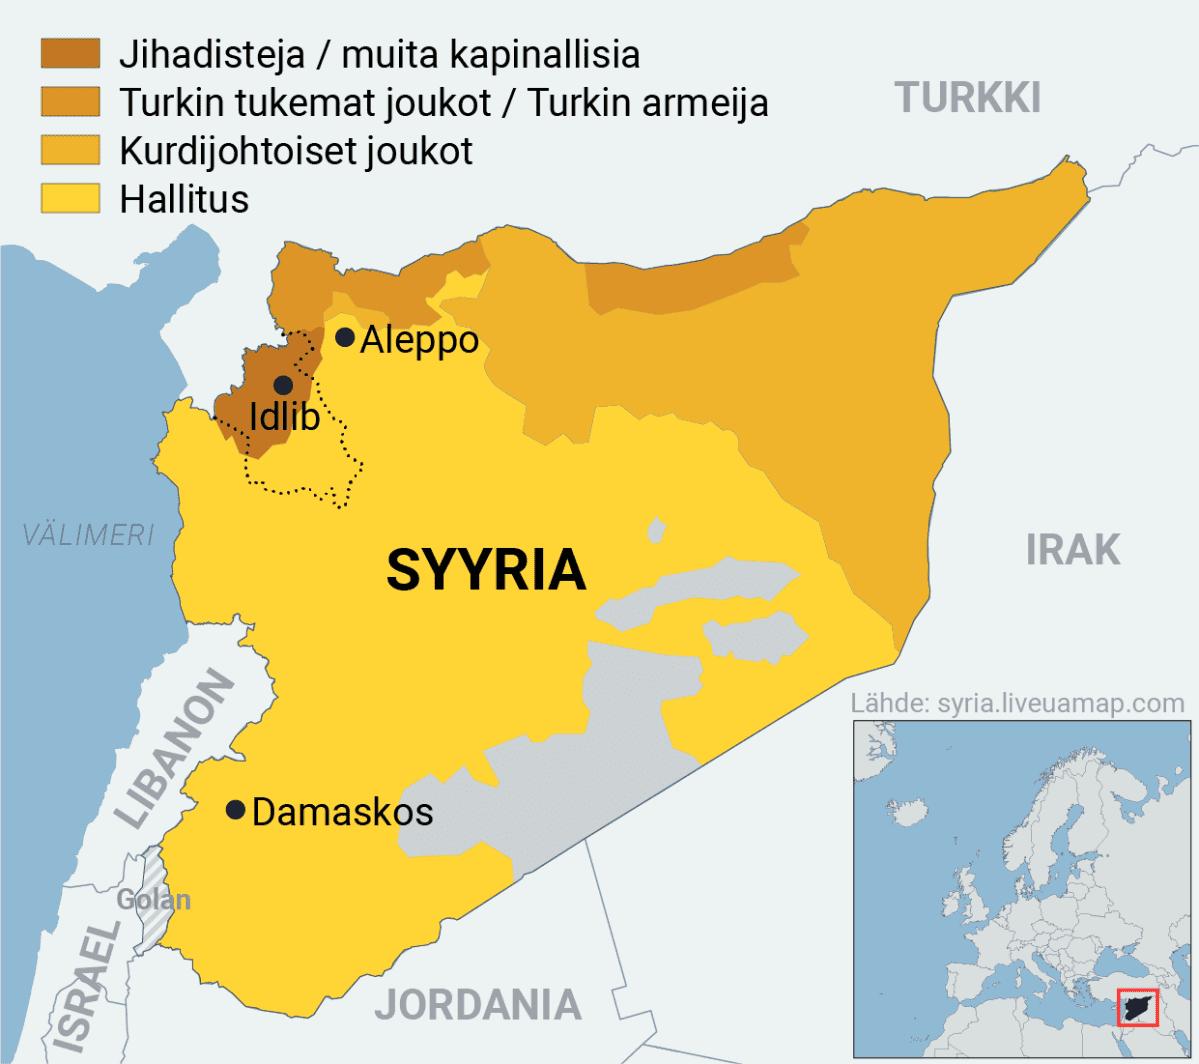 Infokartta Syyriaa hallitsevista joukoista.